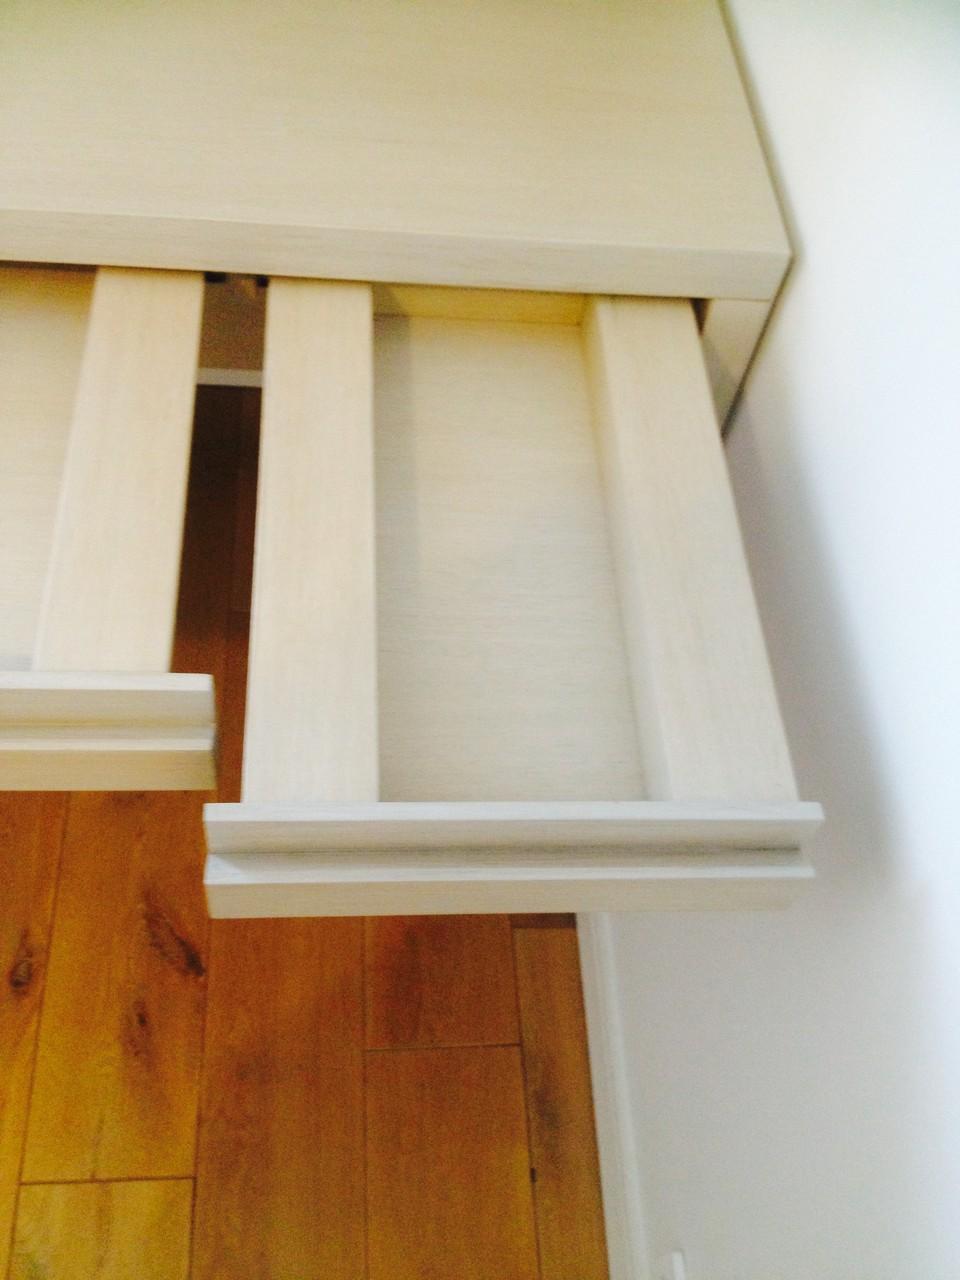 détail des tiroirs d'un bureau réalisé sur mesure par notre menuisier